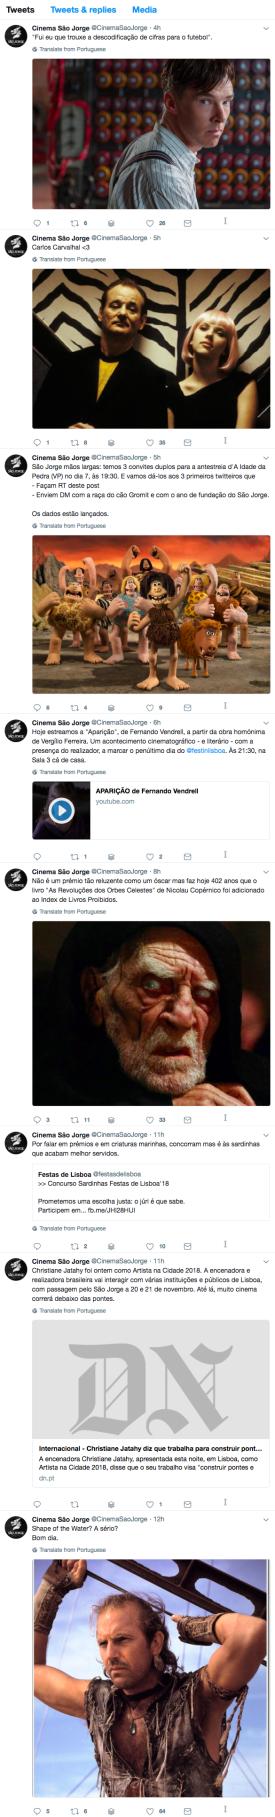 A timeline do @cinemasaojorge em Março de 2018.